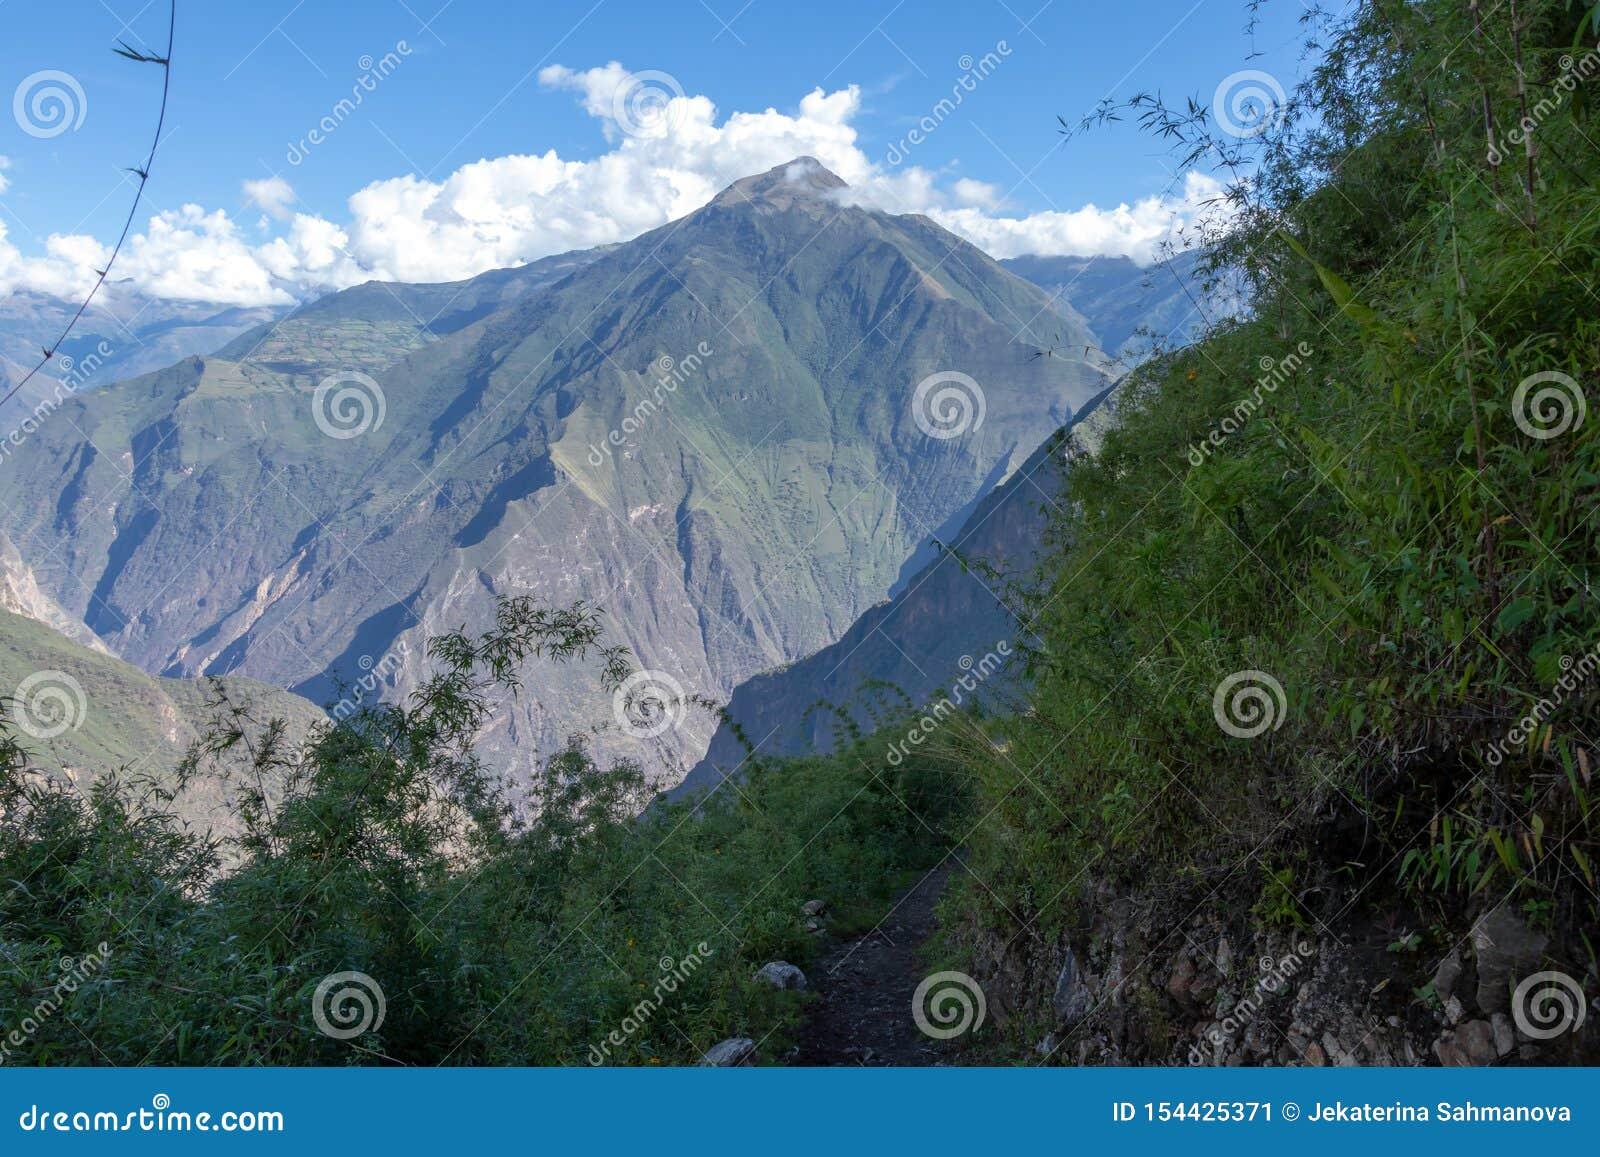 Dużej wysokości dżungli luksusowa flora w zielonej Rio Bianco dolinie po Choquequirao przepustki, Andes, Peru